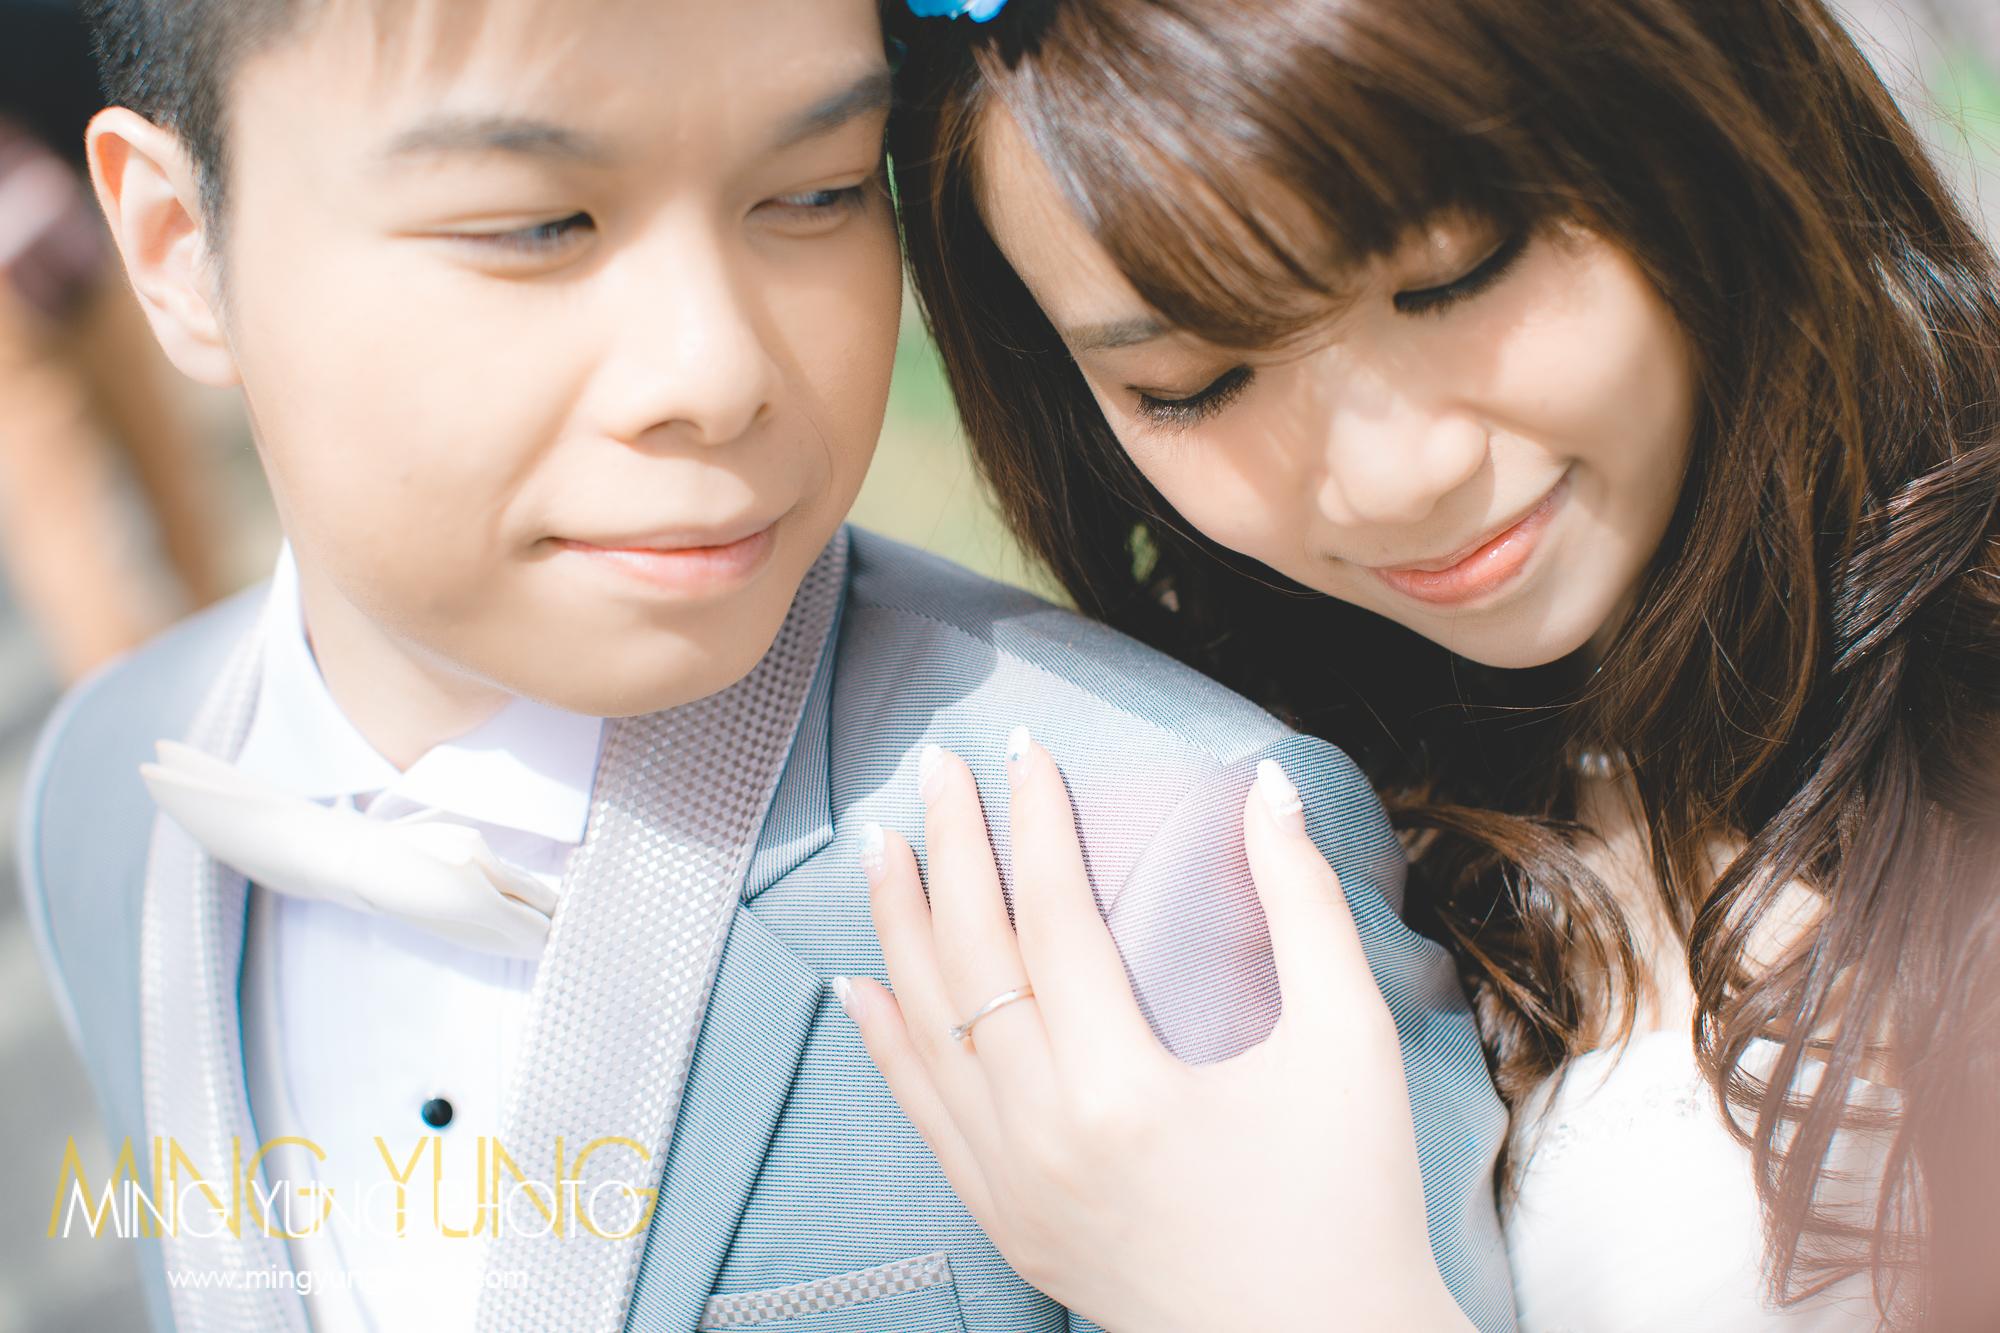 mingyungphoto-20160405-0002